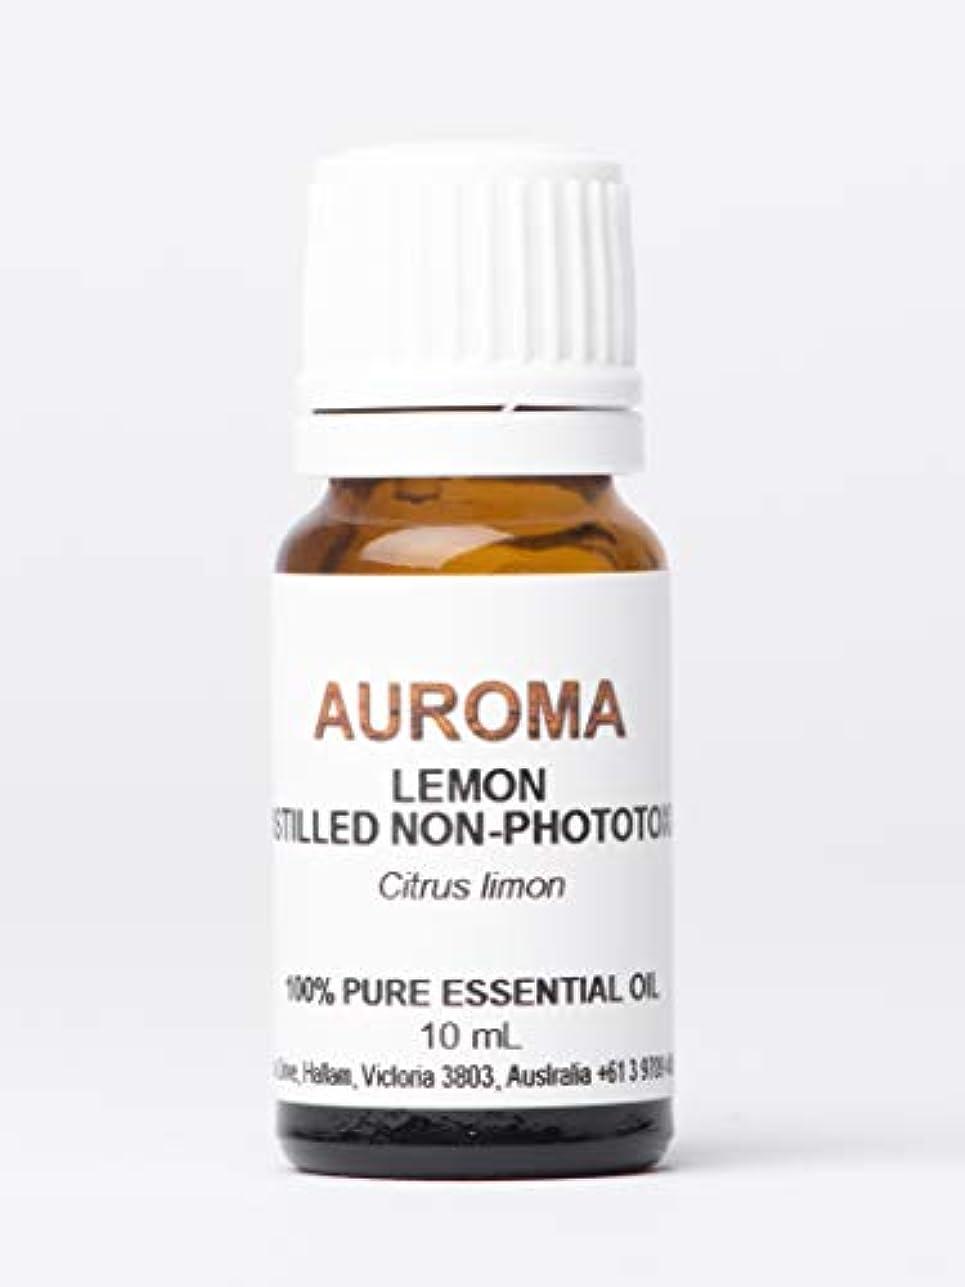 しないでくださいピッチャーバルクAUROMA レモンディスティル(光毒性成分無し) 10ml